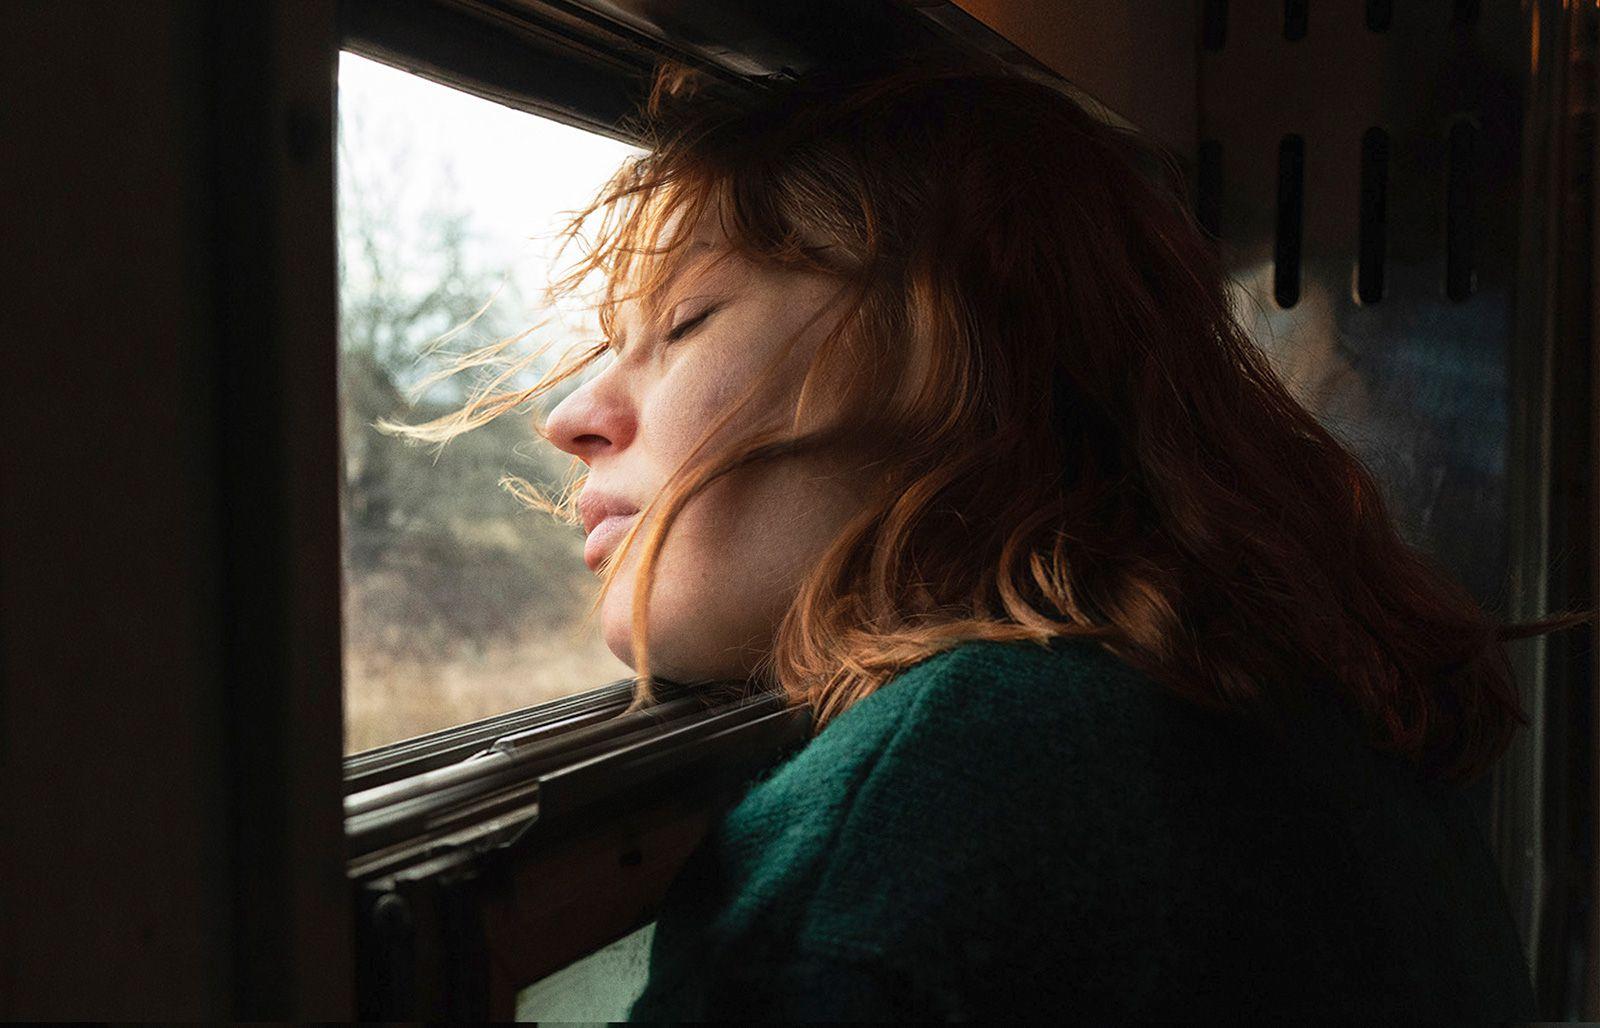 Compartiment N°6 (LE TEASER) de Juho Kuosmanen - Le 3 novembre 2021 au cinéma